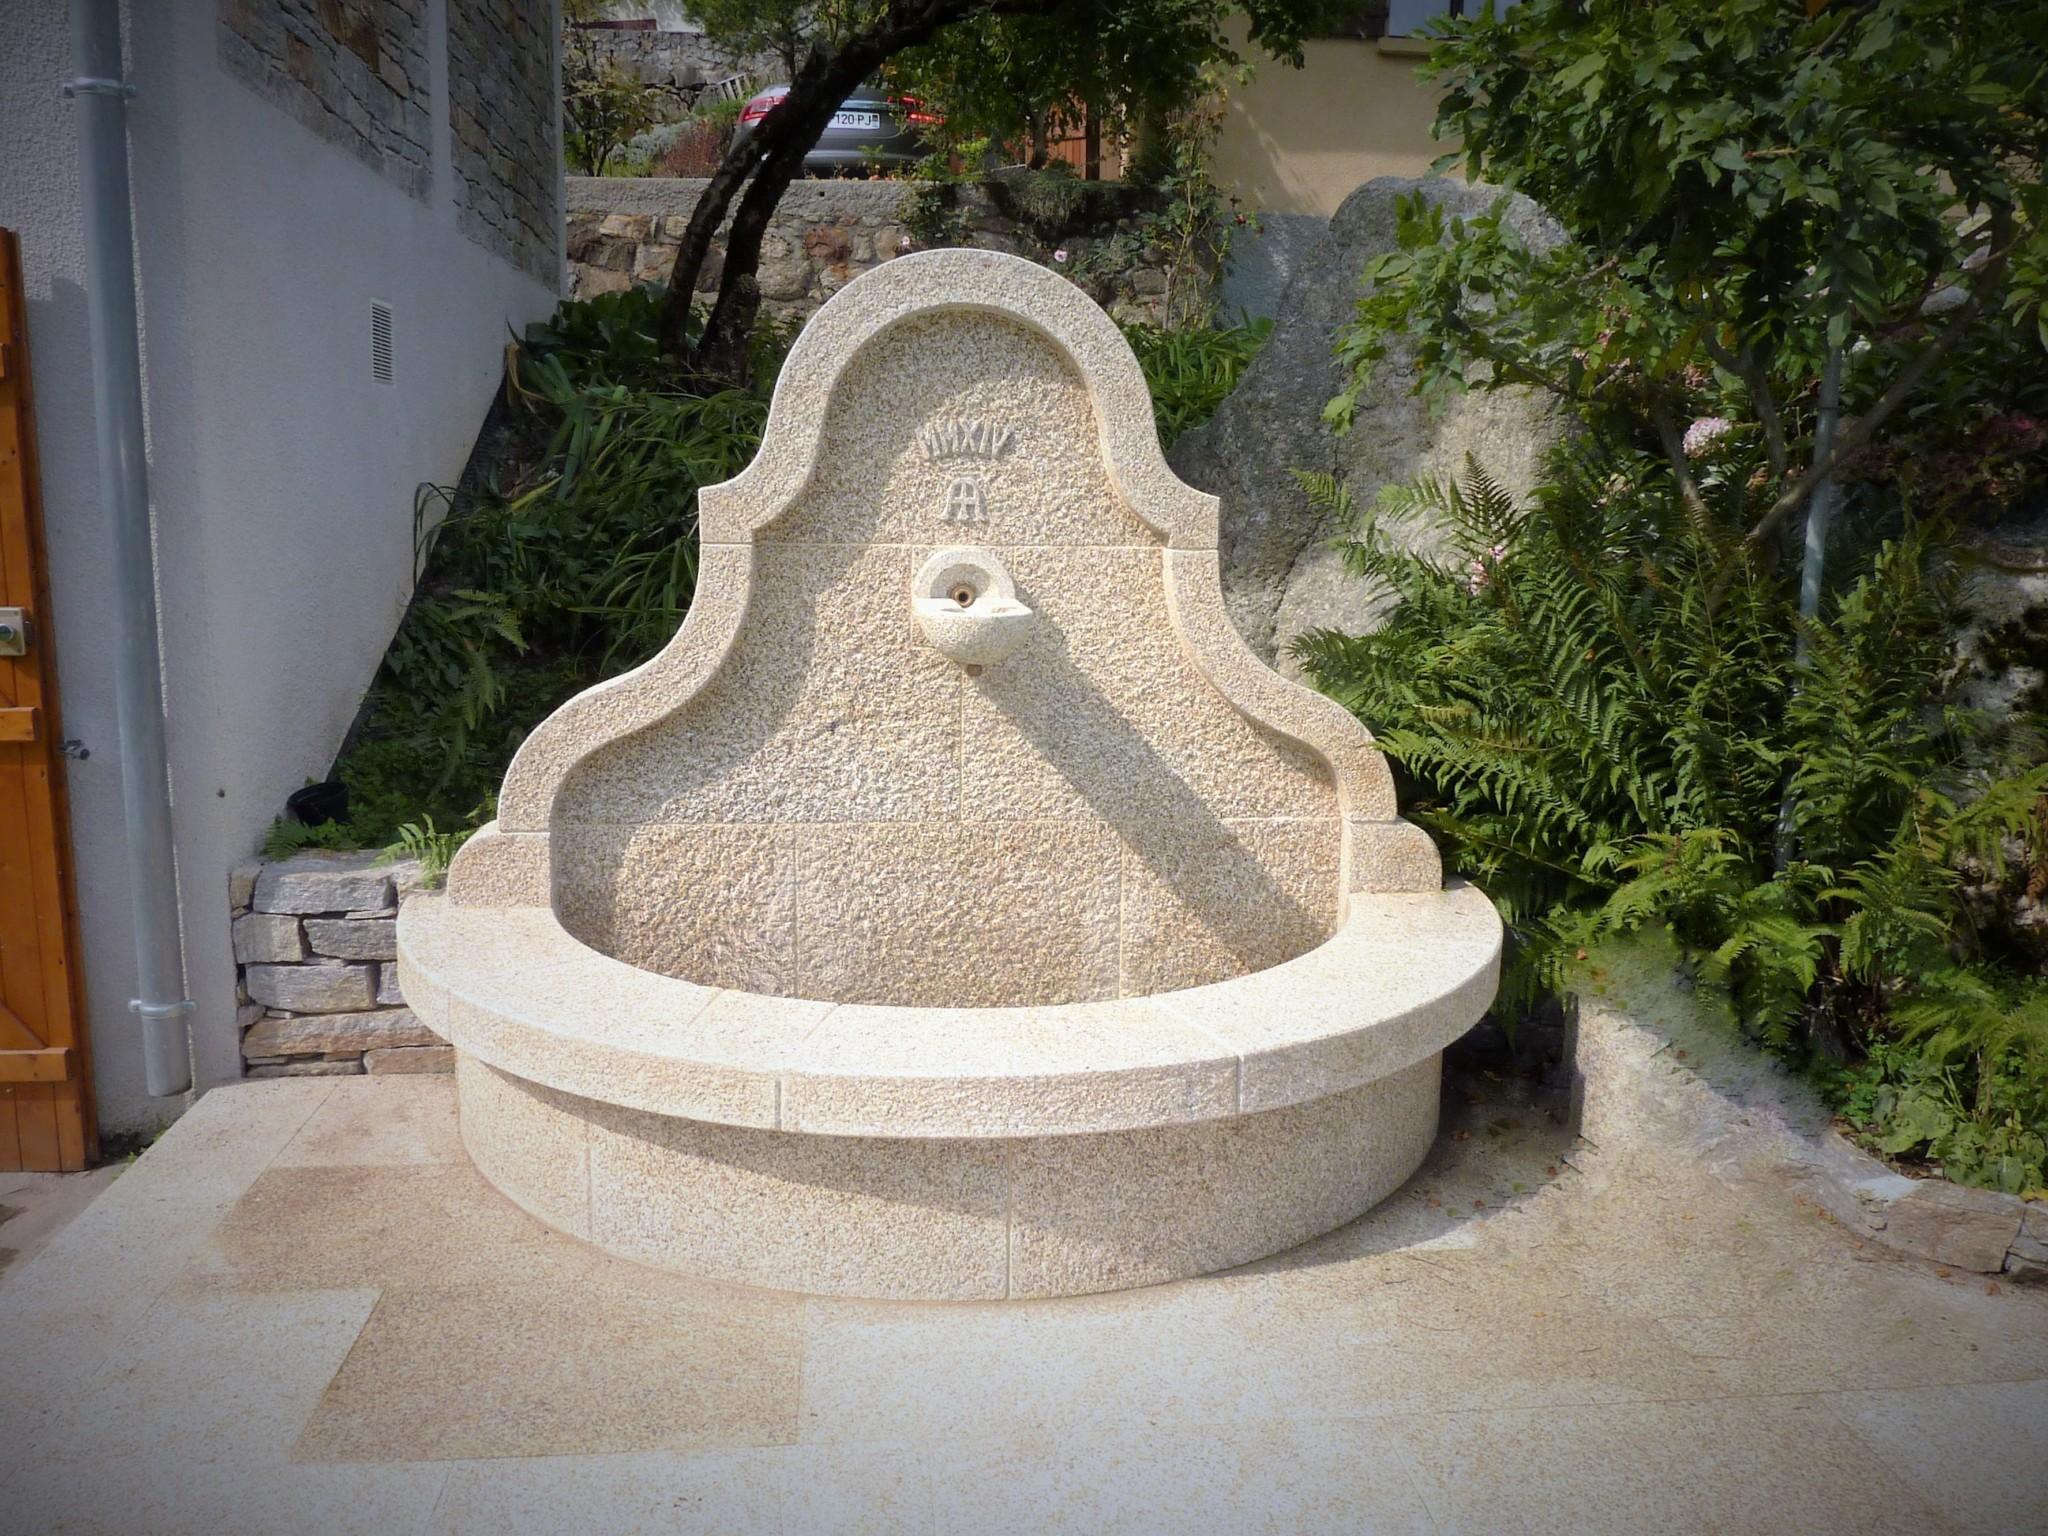 Pozos de piedra para jard n y fuentes antonio rosales - Fuentes jardin piedra ...